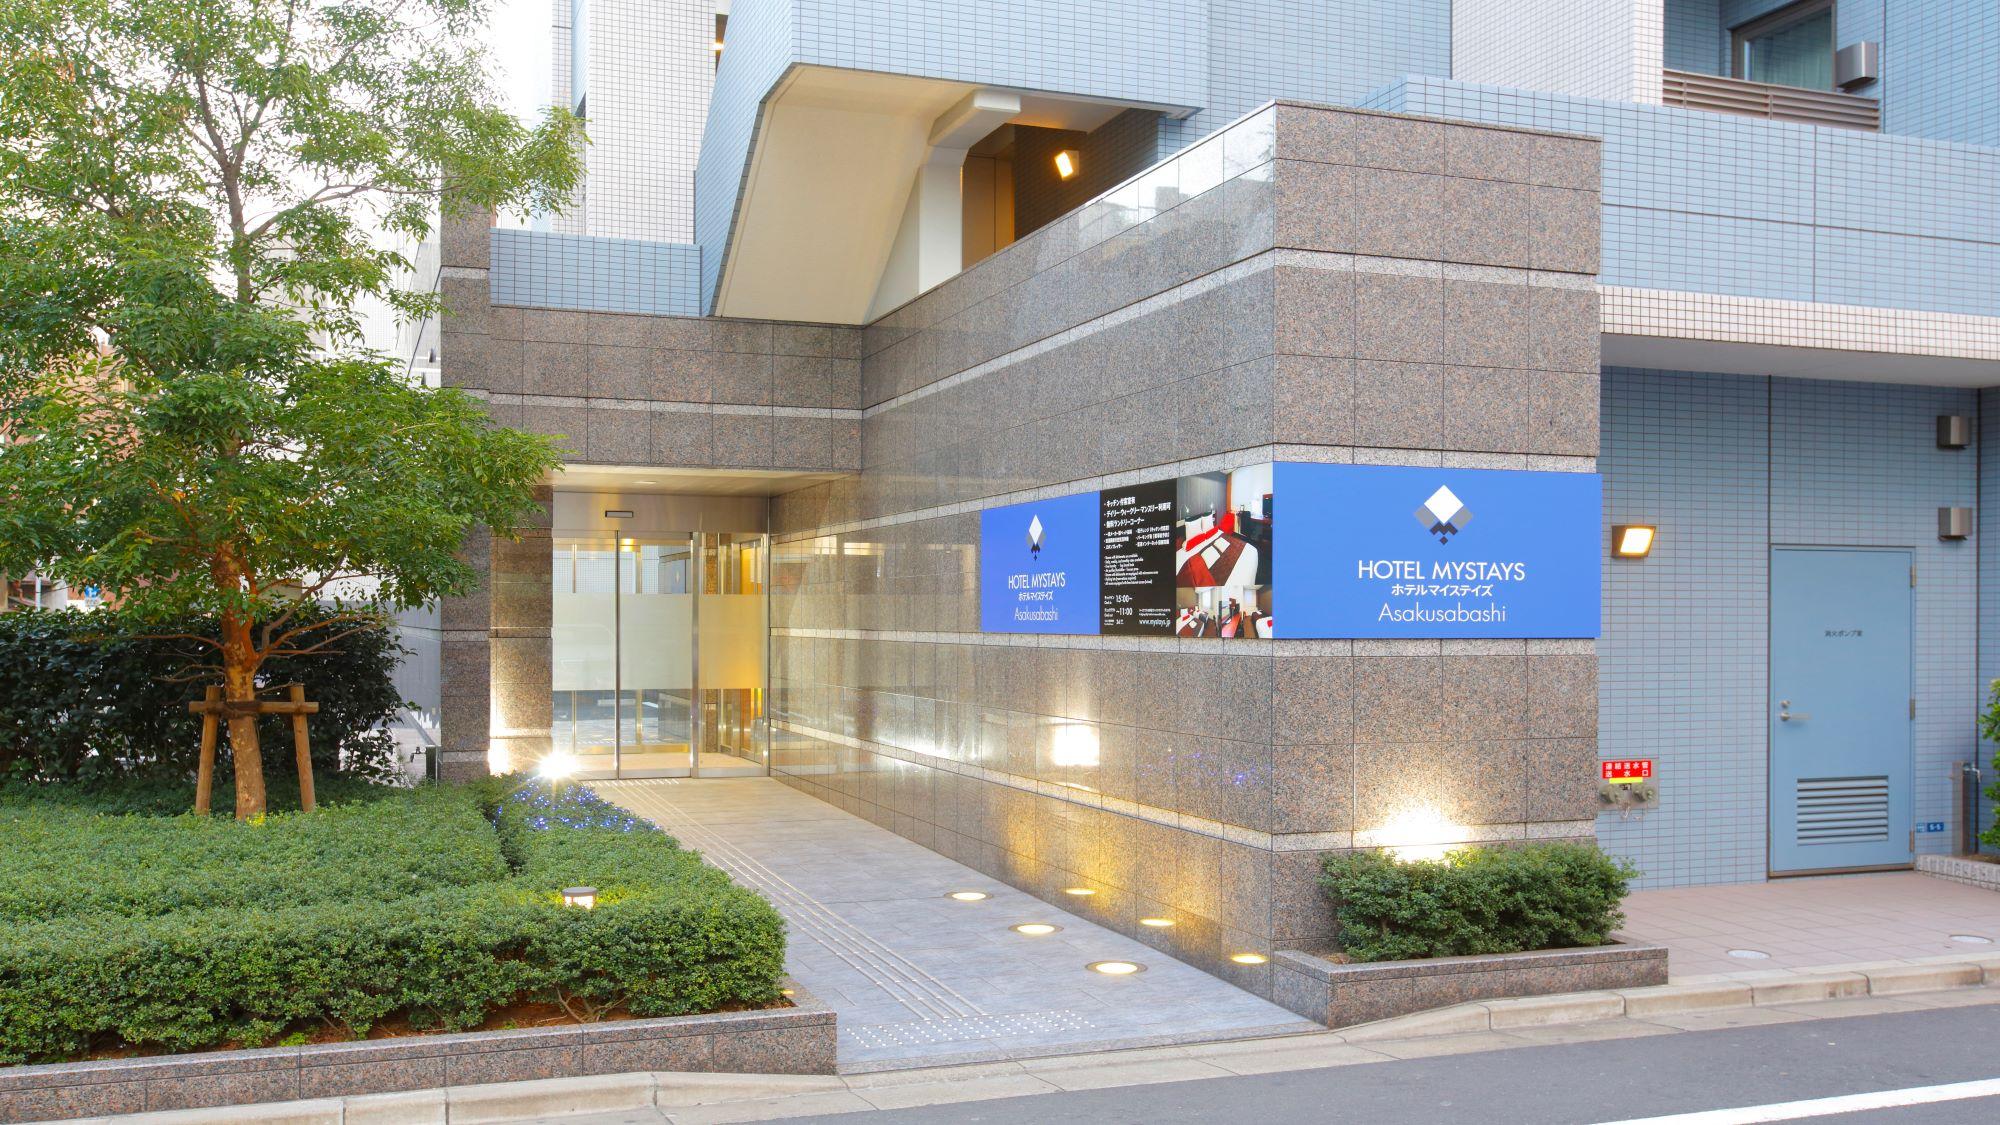 ホテルマイステイズ浅草橋 image